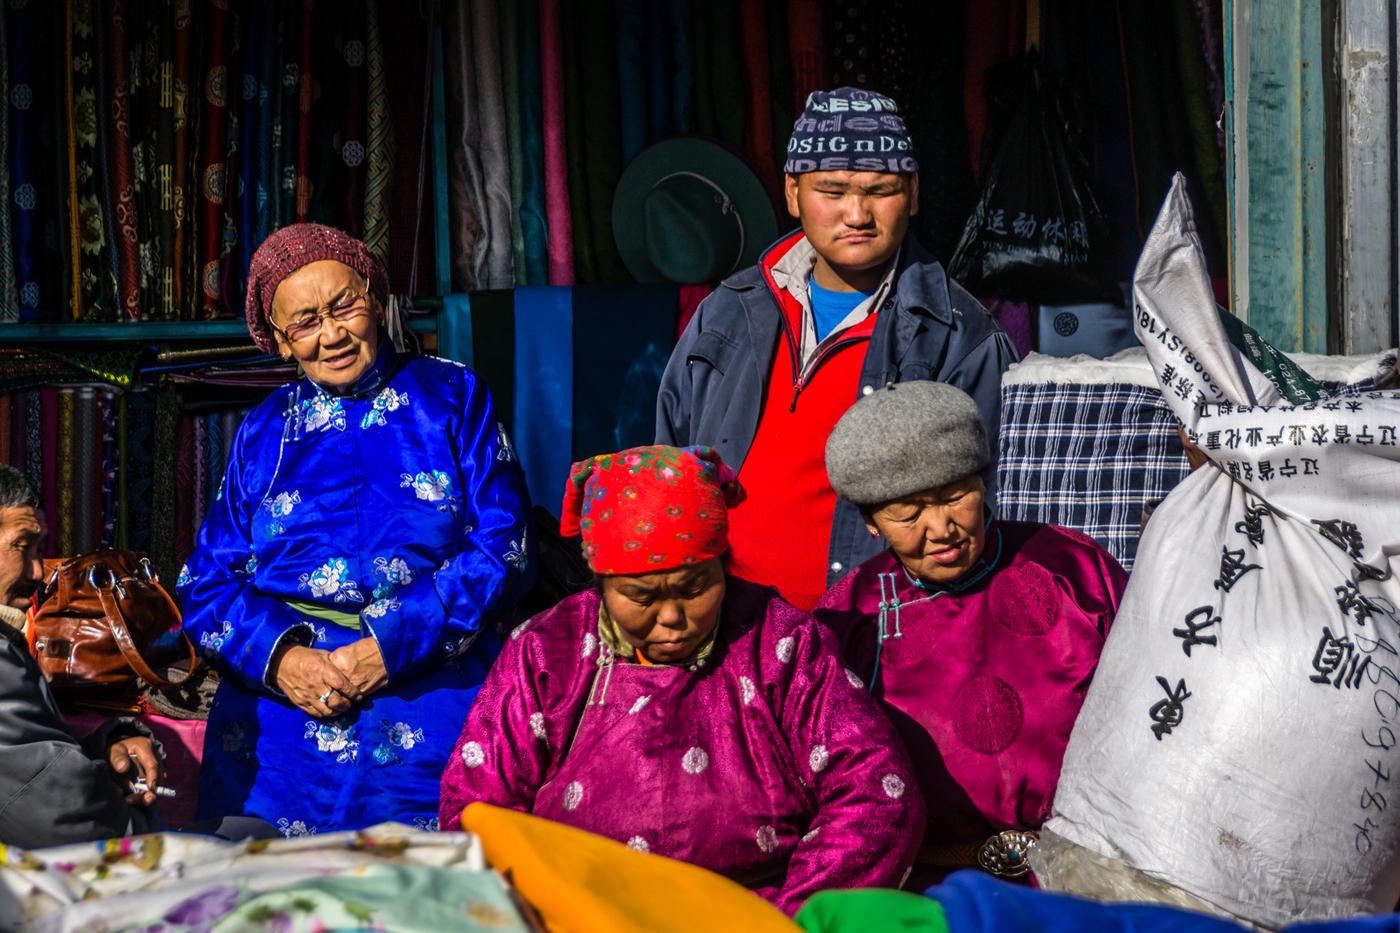 Mongolia-muut-21.jpg